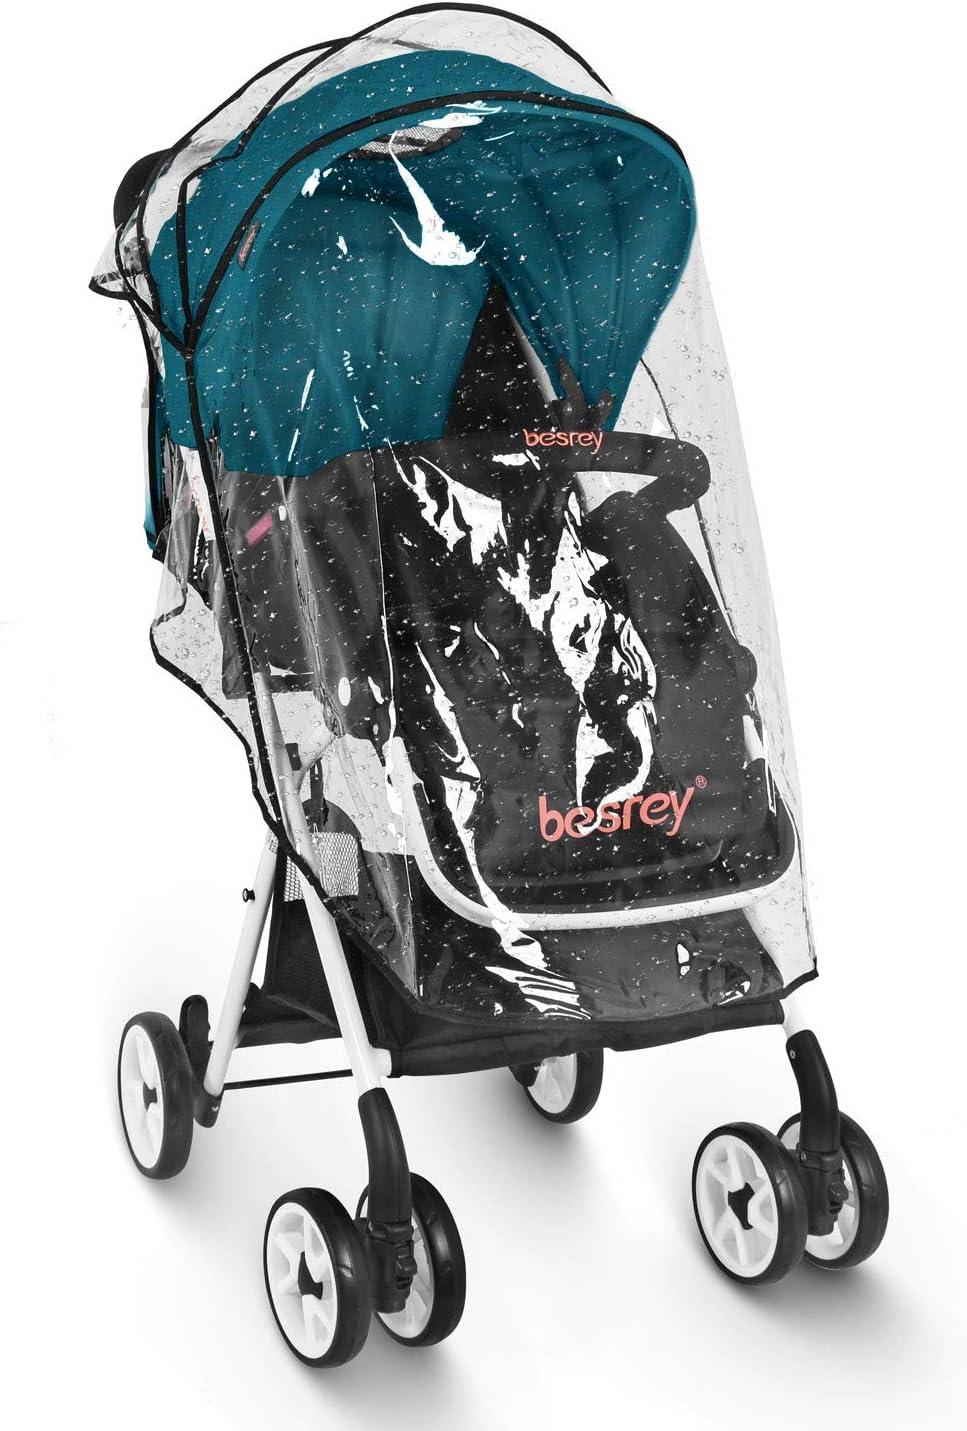 Besrey Cochecito plegable Silla paseo ligera para bebe//ni/ños hasta 3 a/ños Carrito Bebe Compacta ECE Silla de paseo